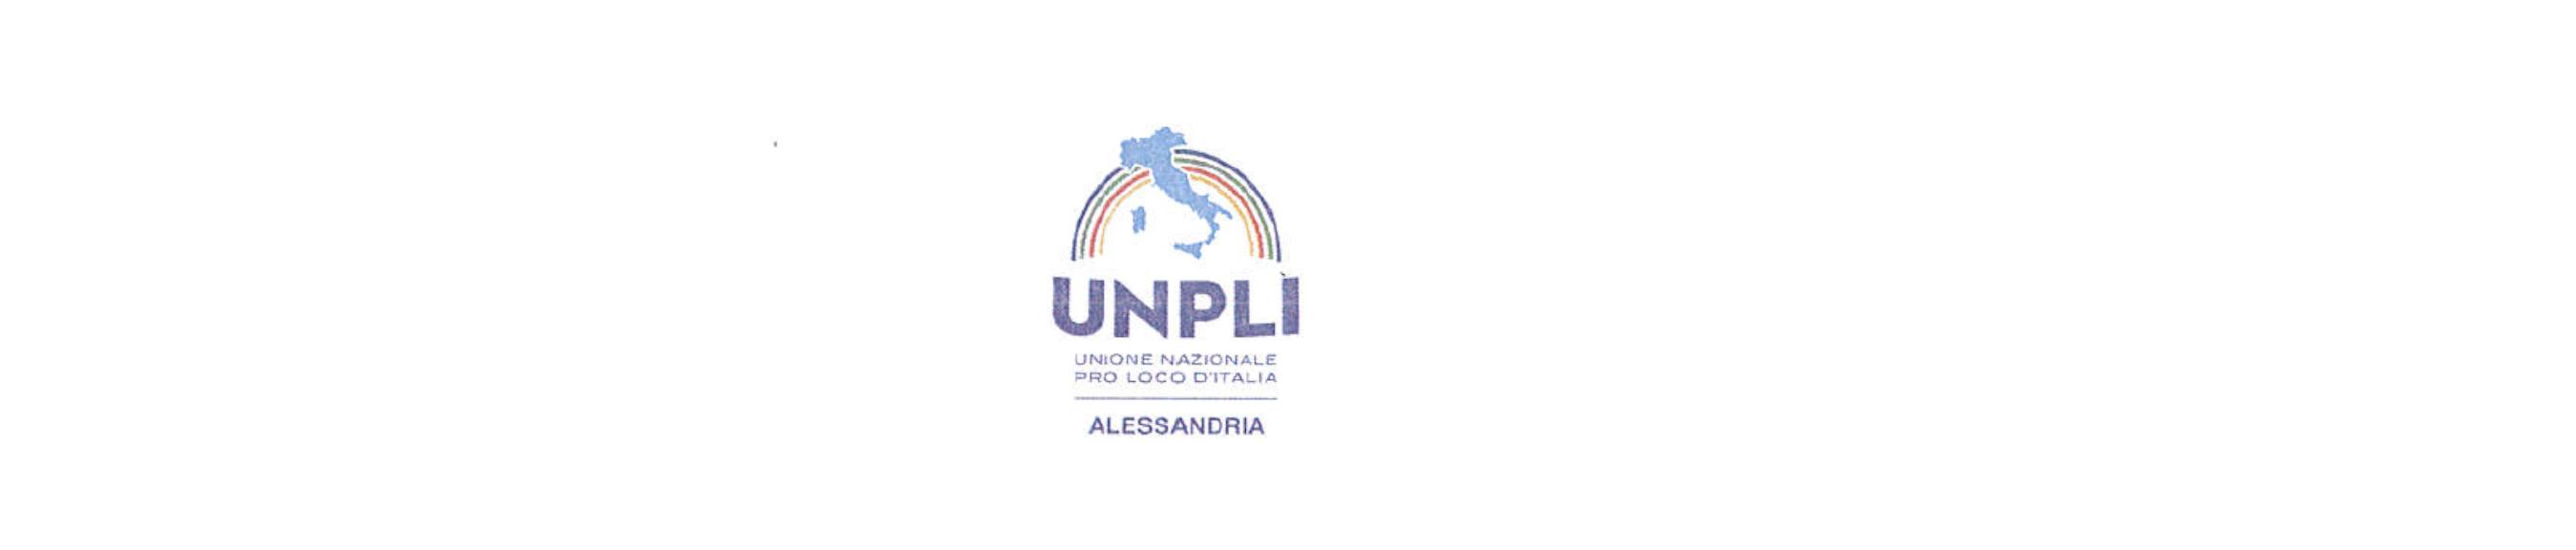 Convocazione consiglio provinciale Alessandria